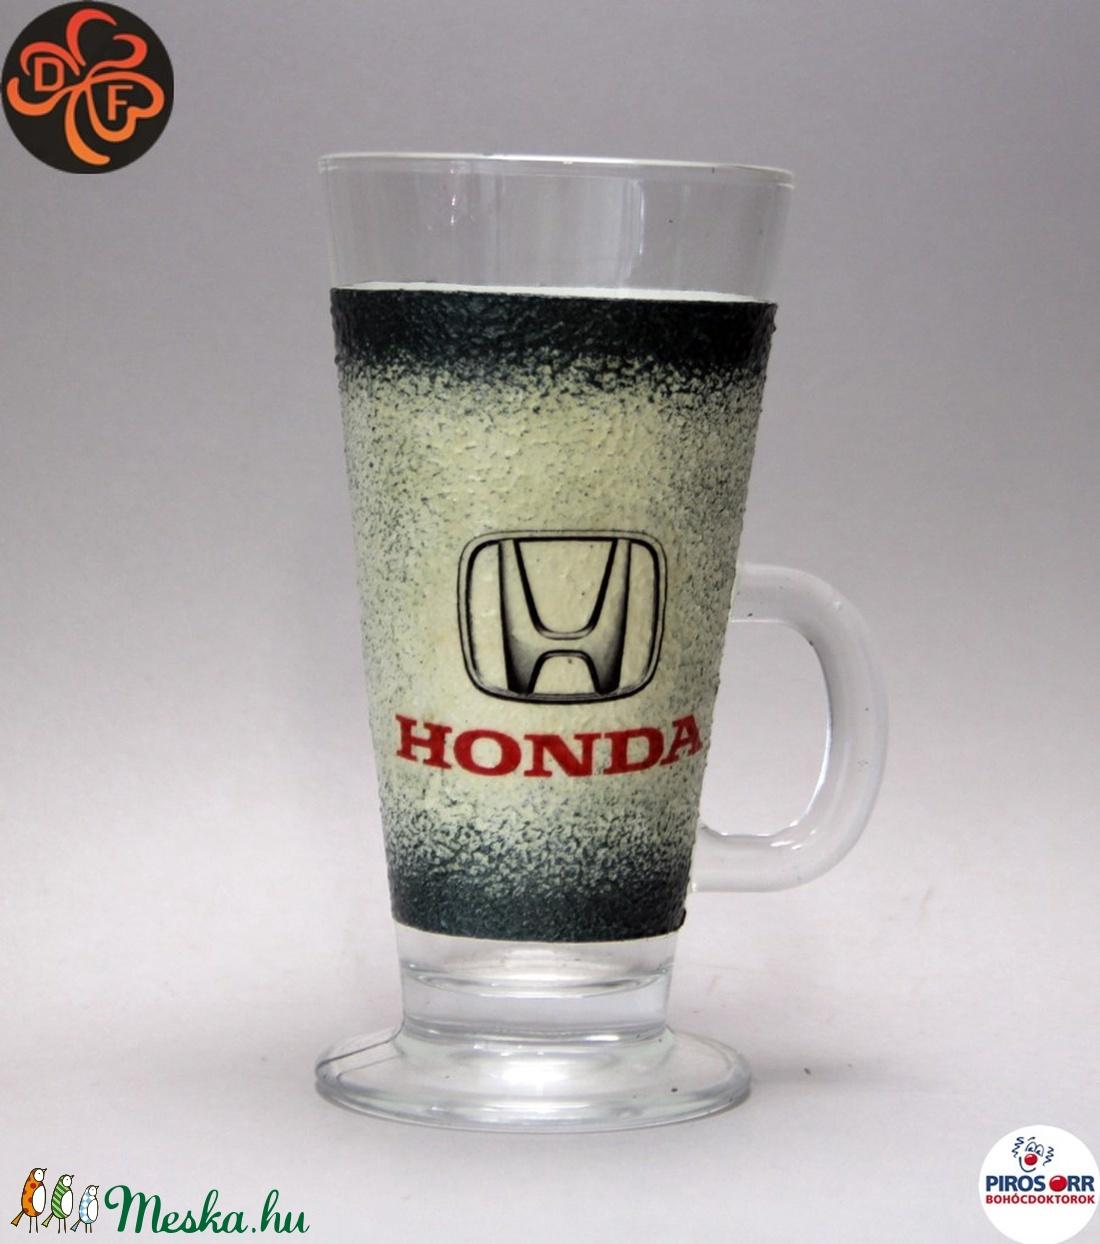 HONDA kávés pohár ; Saját Honda autód fotójával is elkészítjük ! (decorfantasy) - Meska.hu